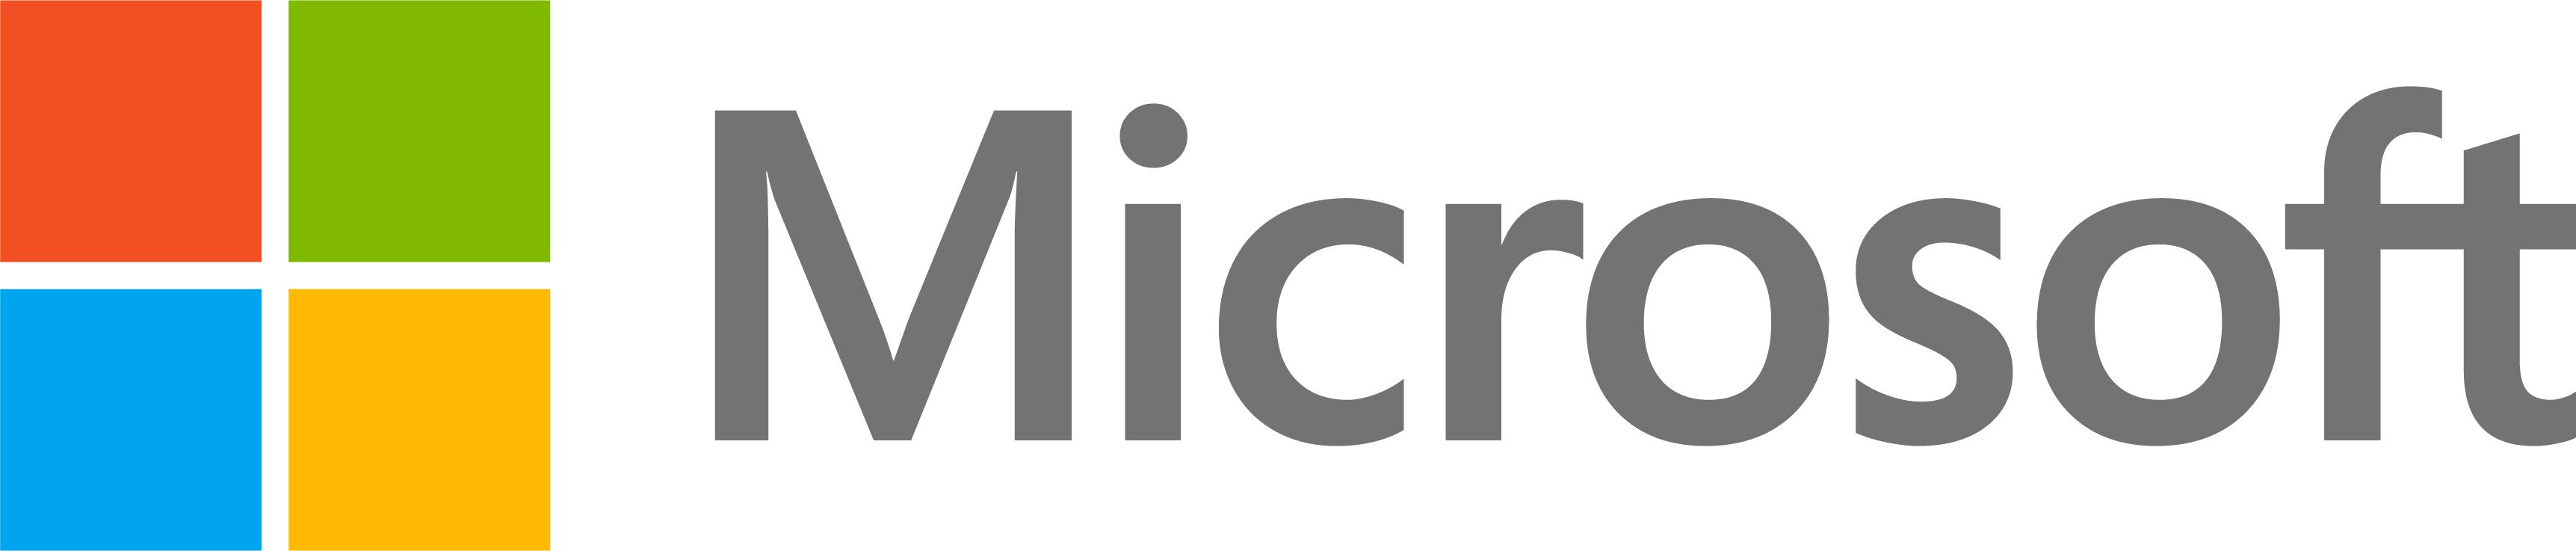 Hasil gambar untuk microsoft png